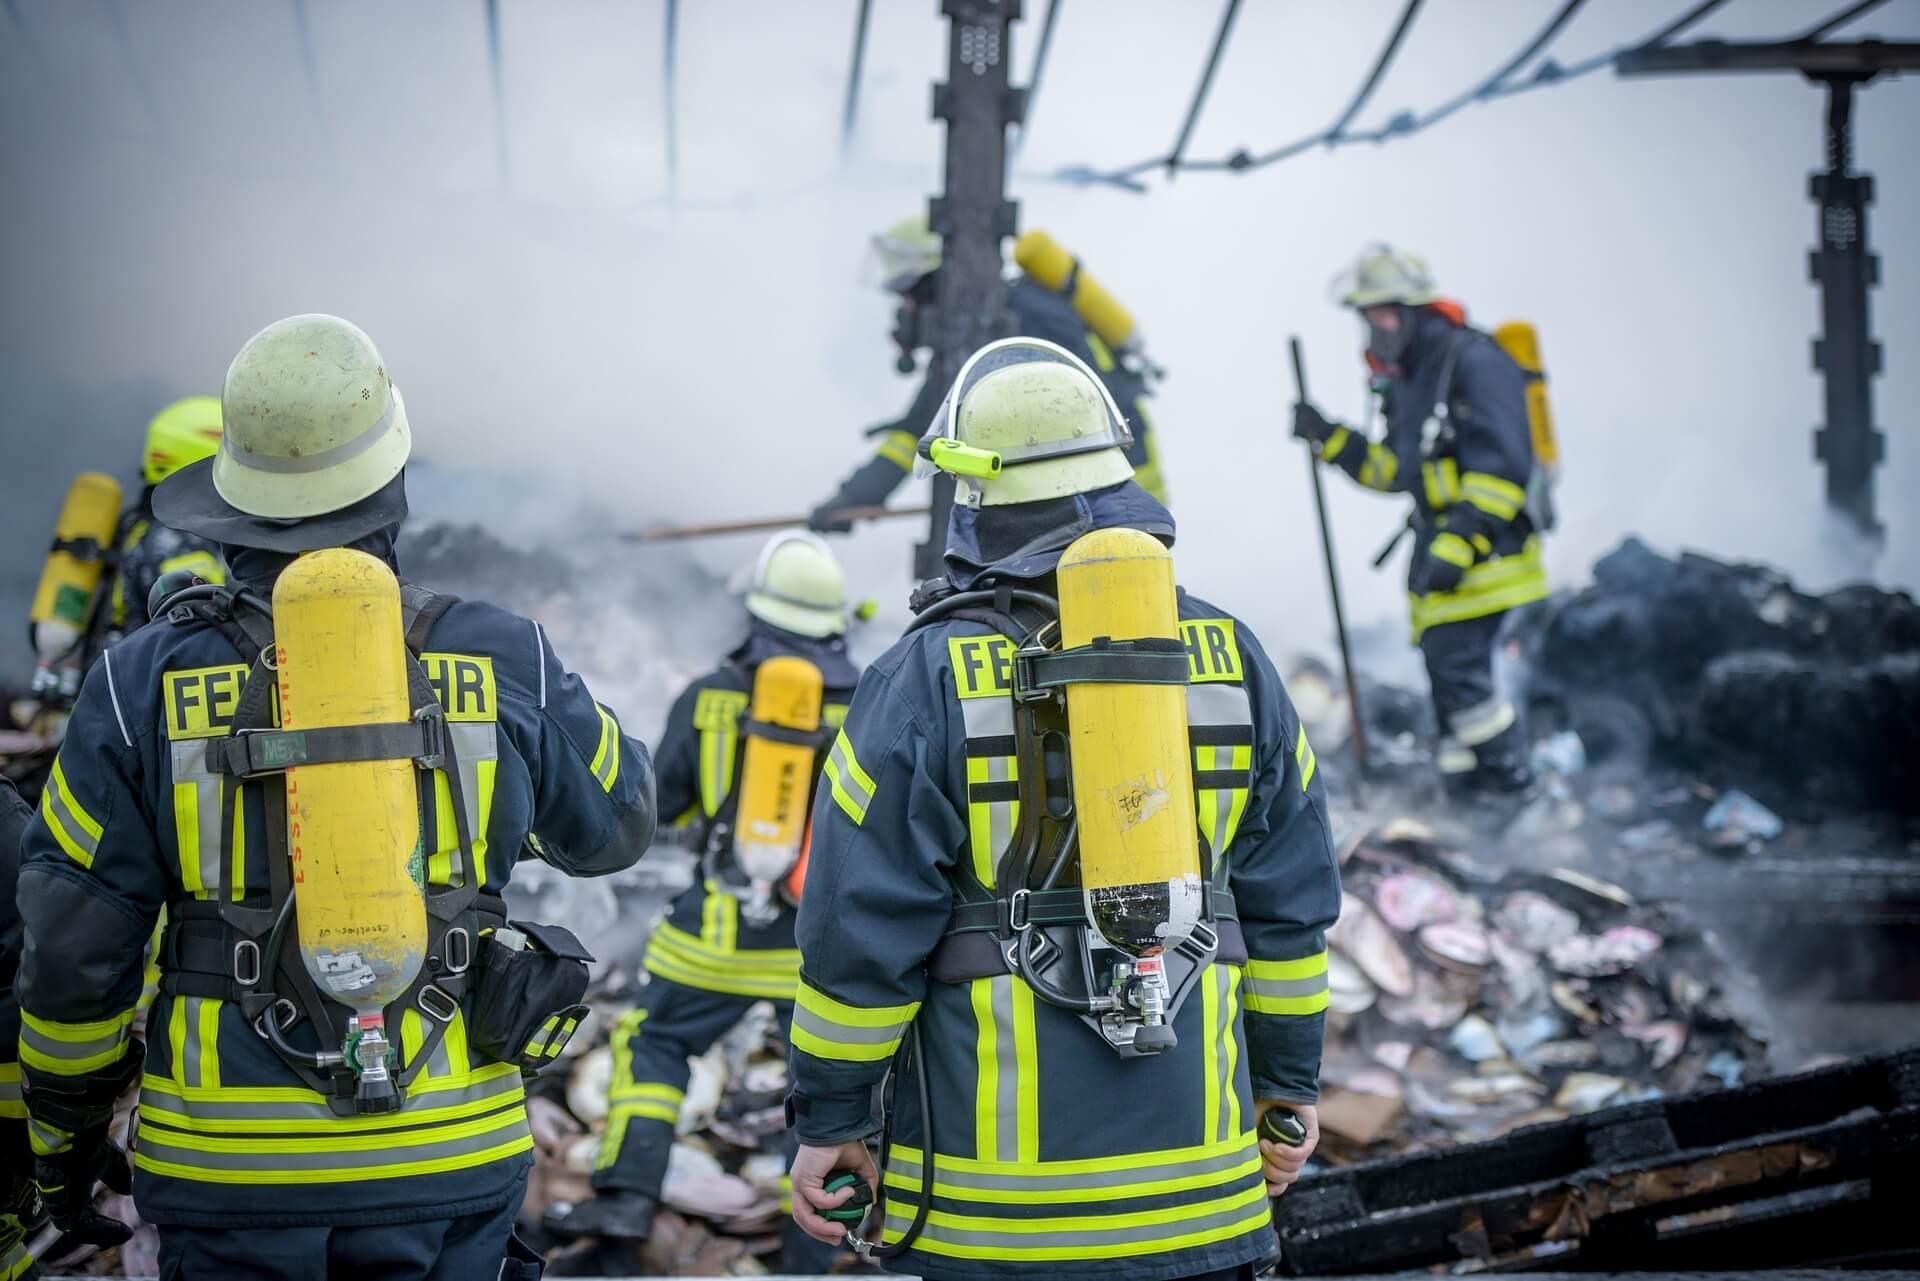 Volunteers Firefighters Needed